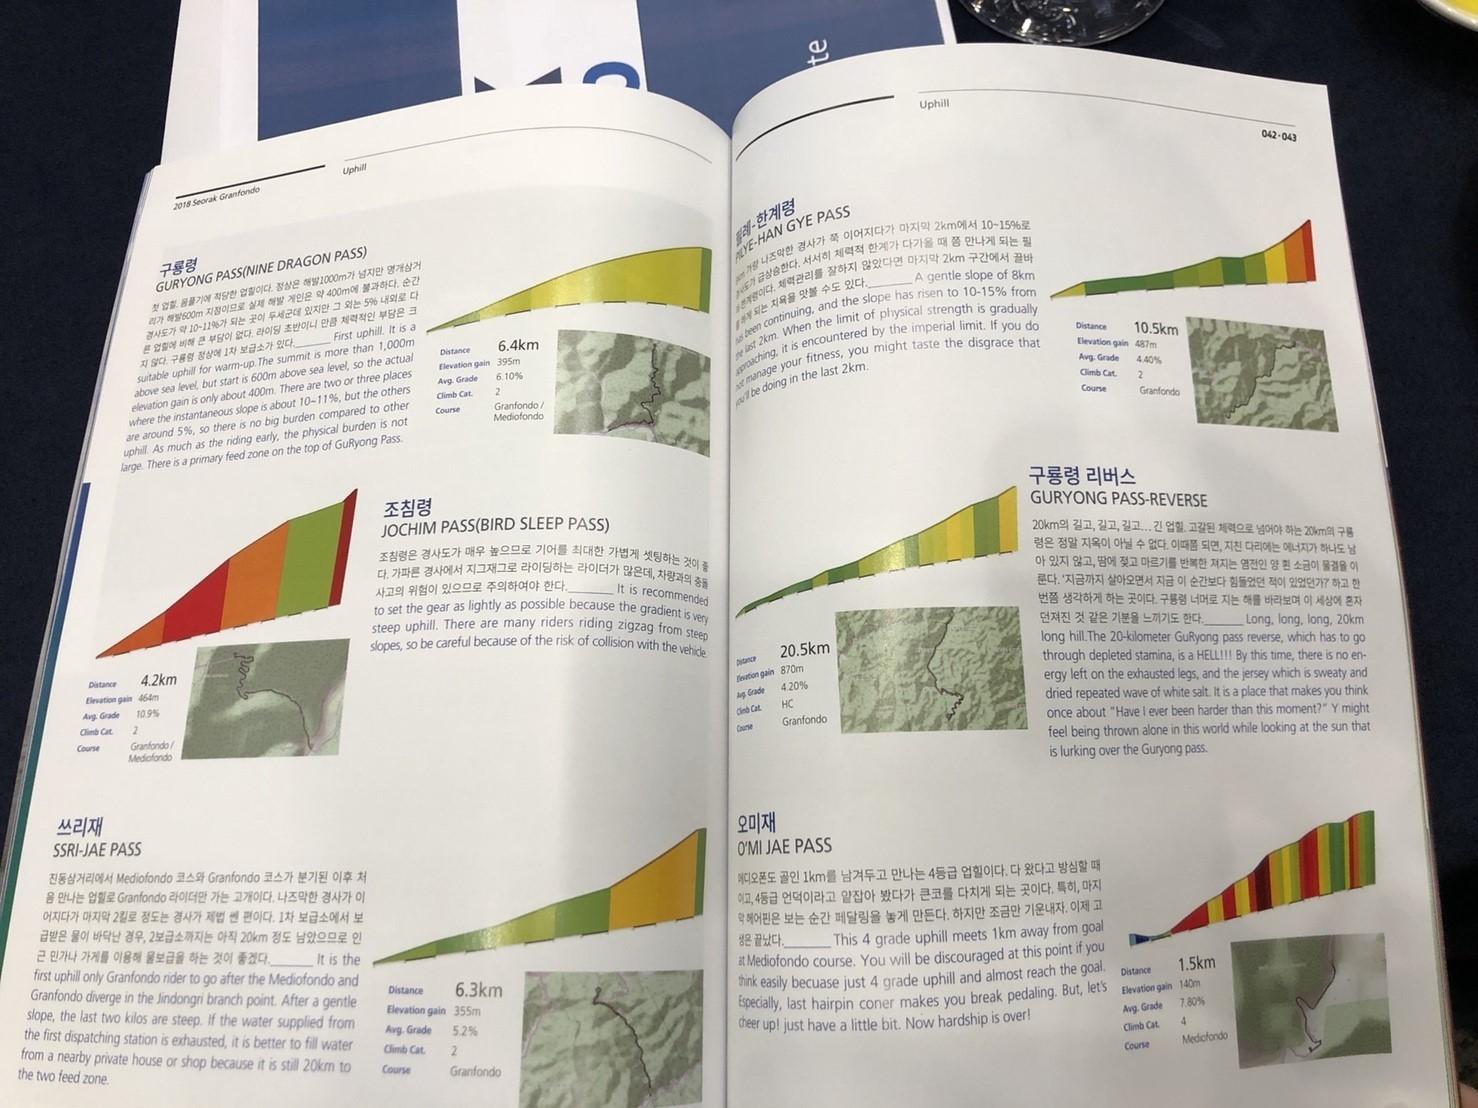 手冊詳盡地標示出路線行經的幾個P (Peak=山峰)